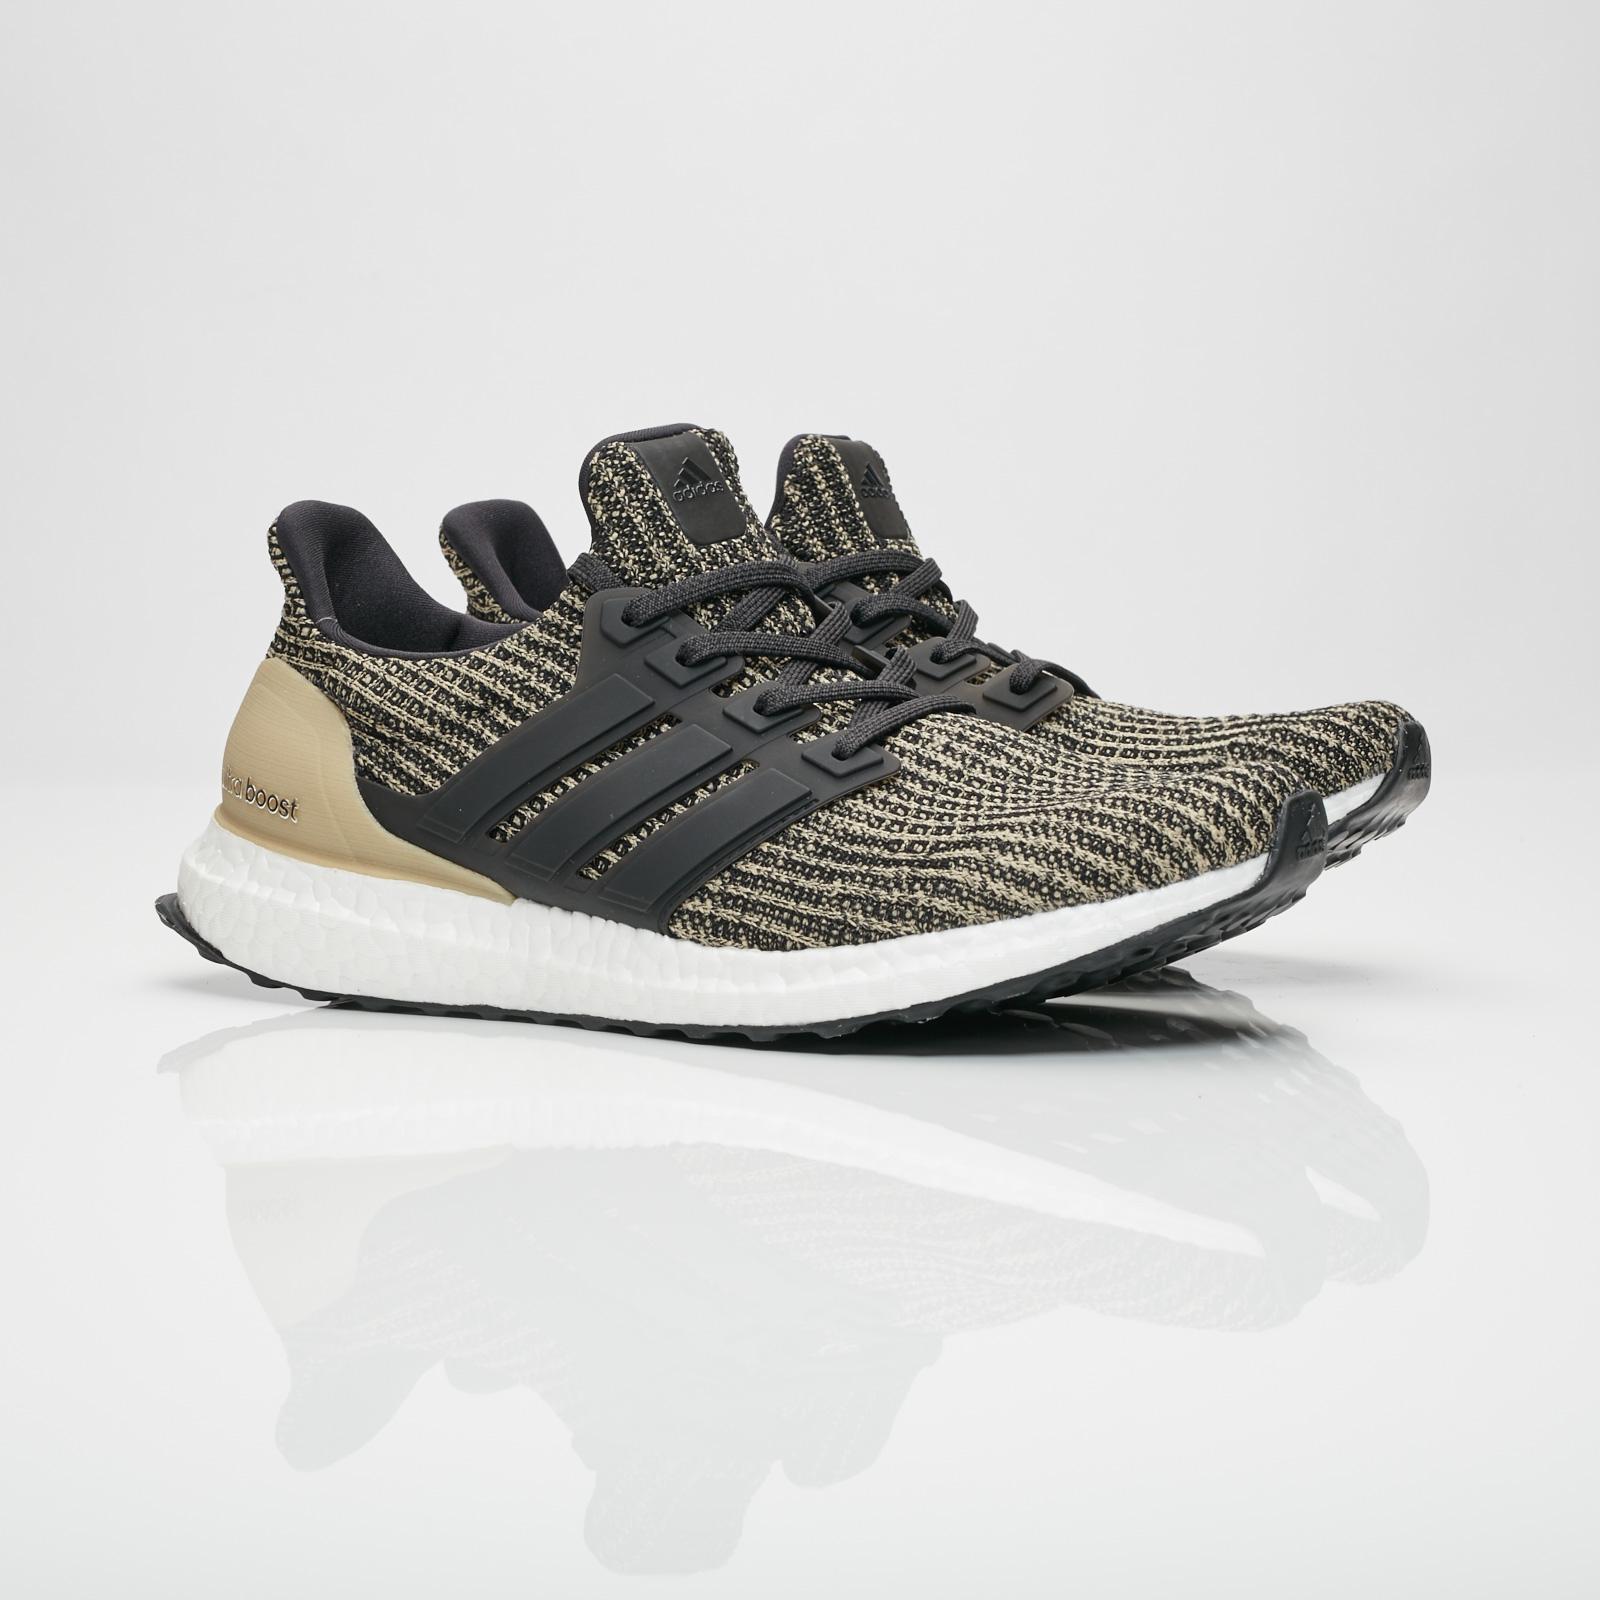 adidas ultraboost bb6170 sneakersnstuff scarpe & streetwear